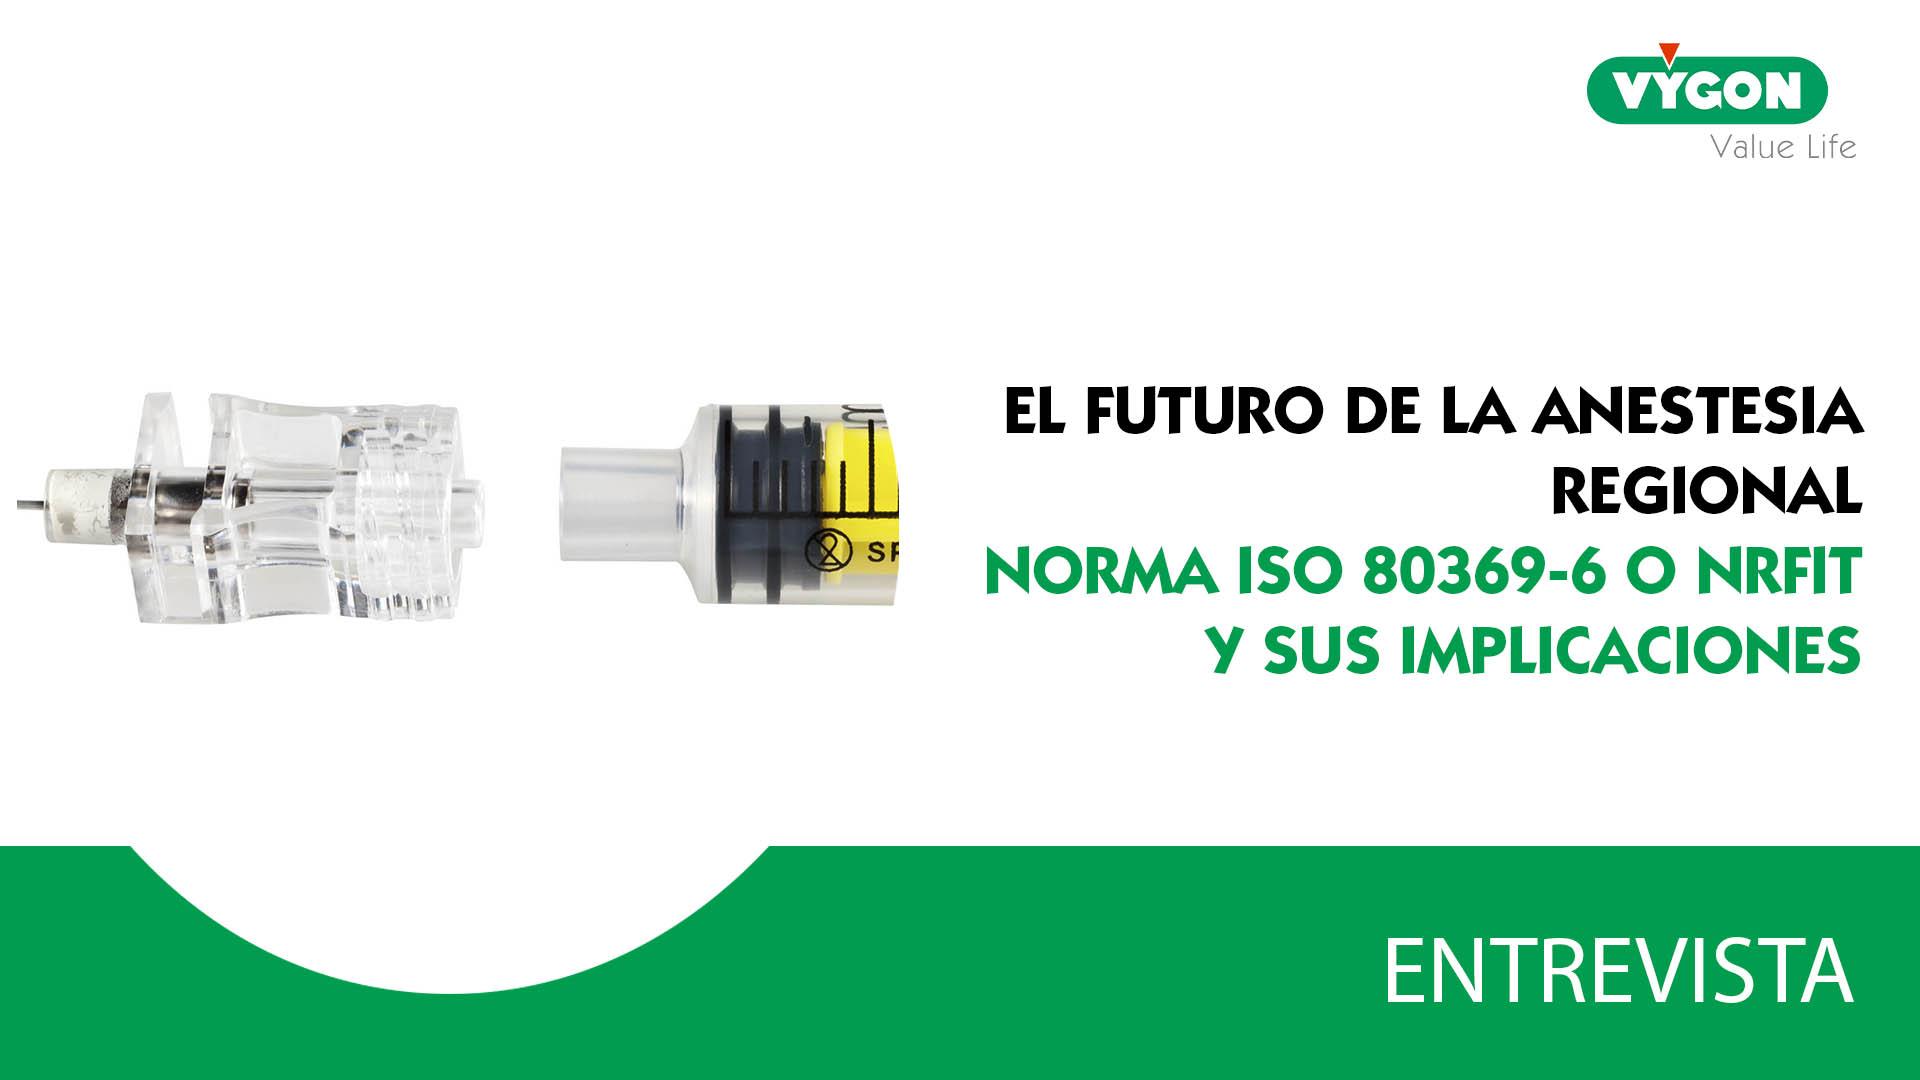 La norma ISO 80369-6 o NRFit y sus implicaciones